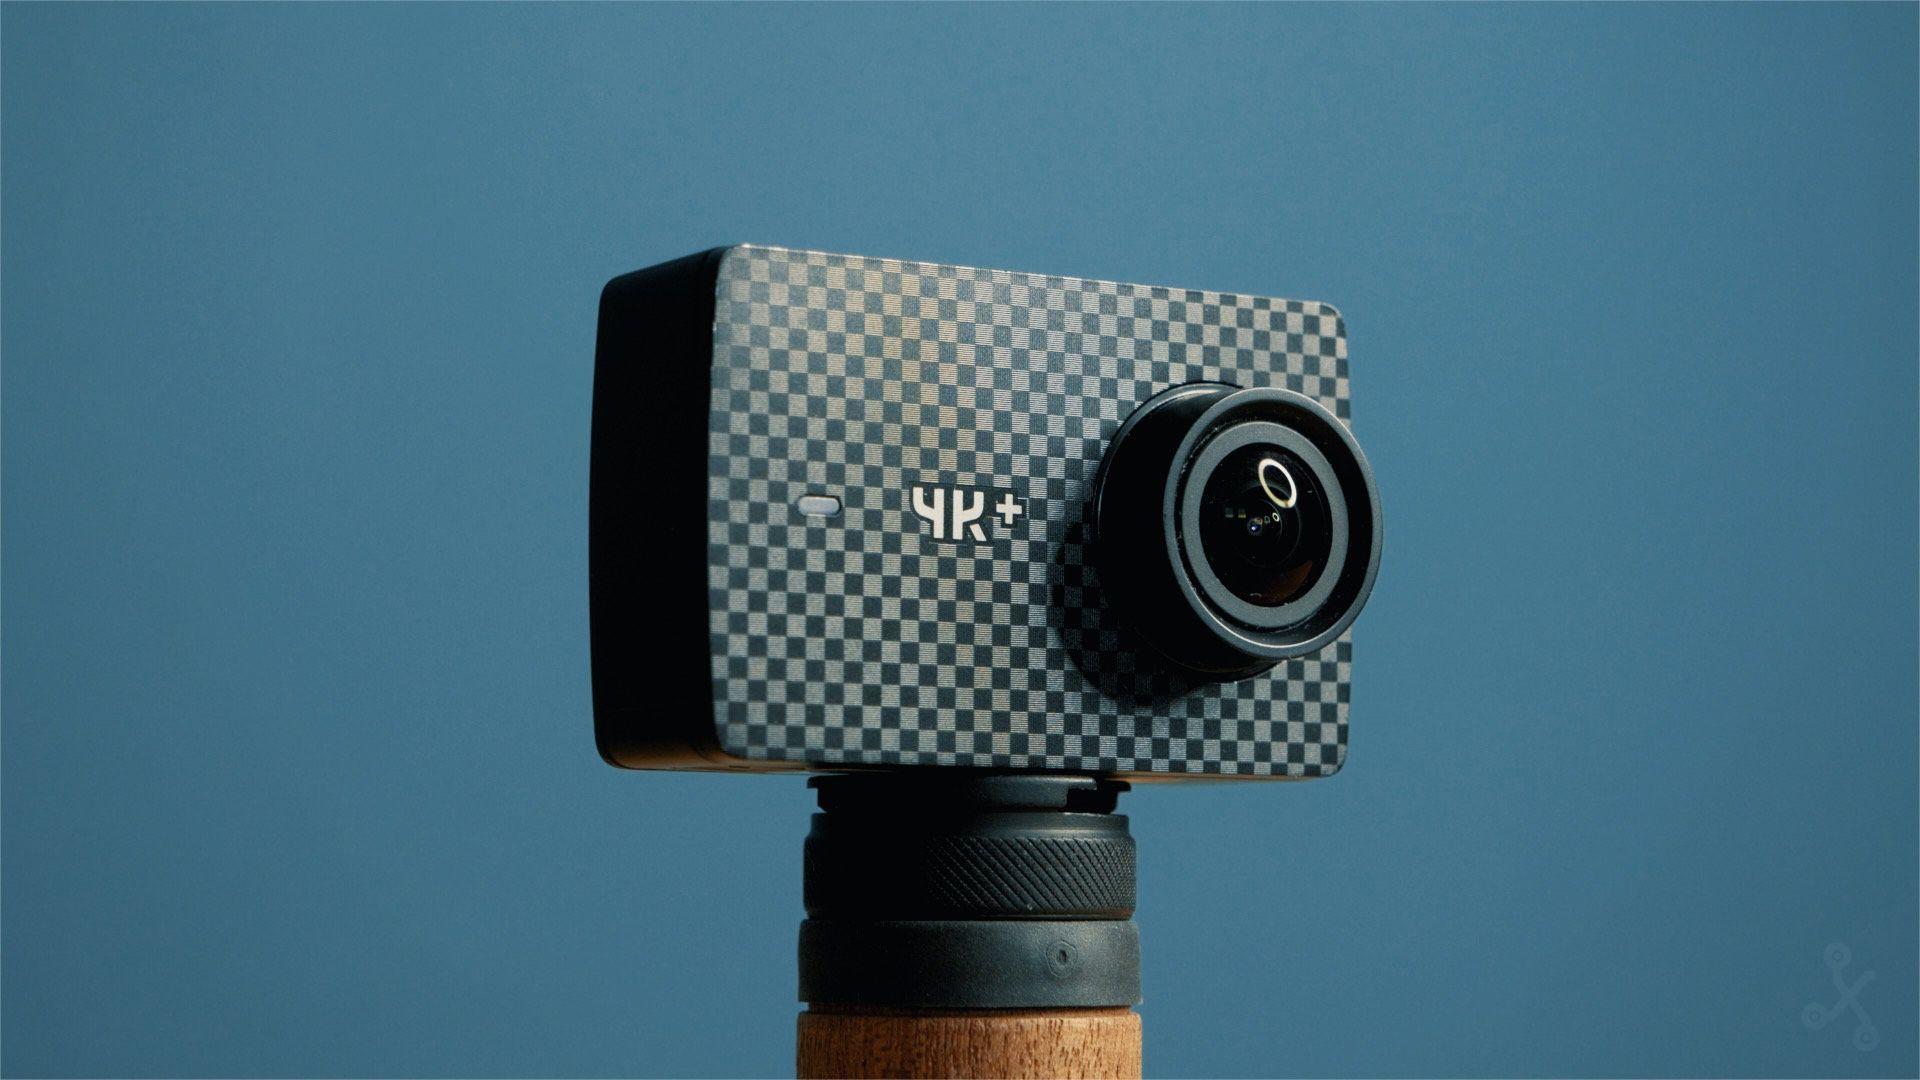 Yi 4K+, análisis: la grabación de vídeo en 4K a 60p llega a las ...